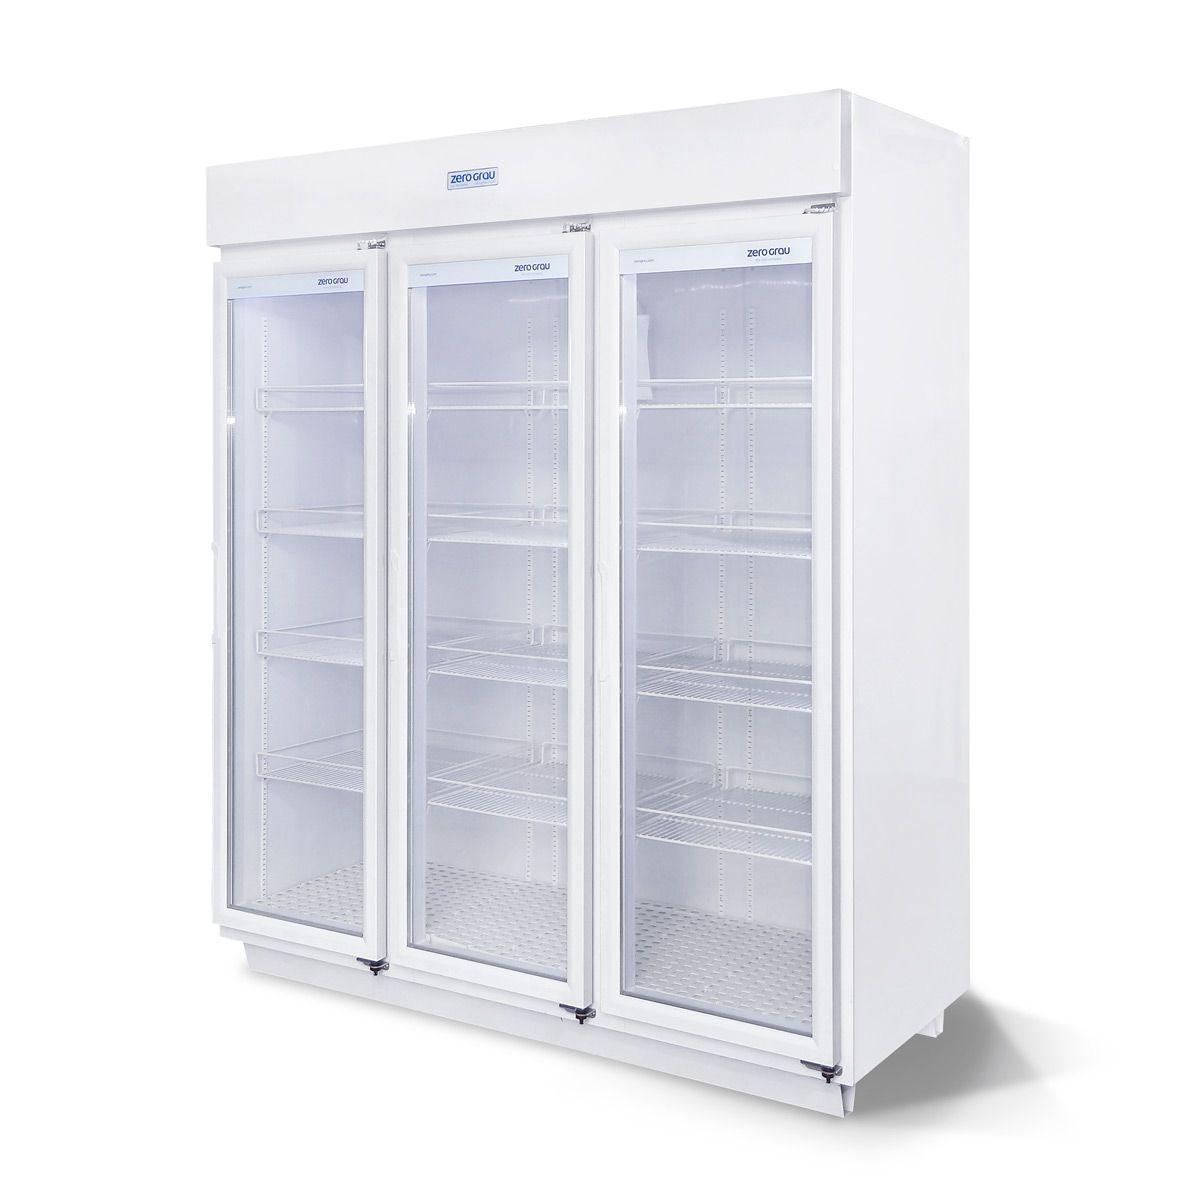 Expositor 1590 Litros 3 Portas para Congelados Até -18 Graus  - Zero Grau Store